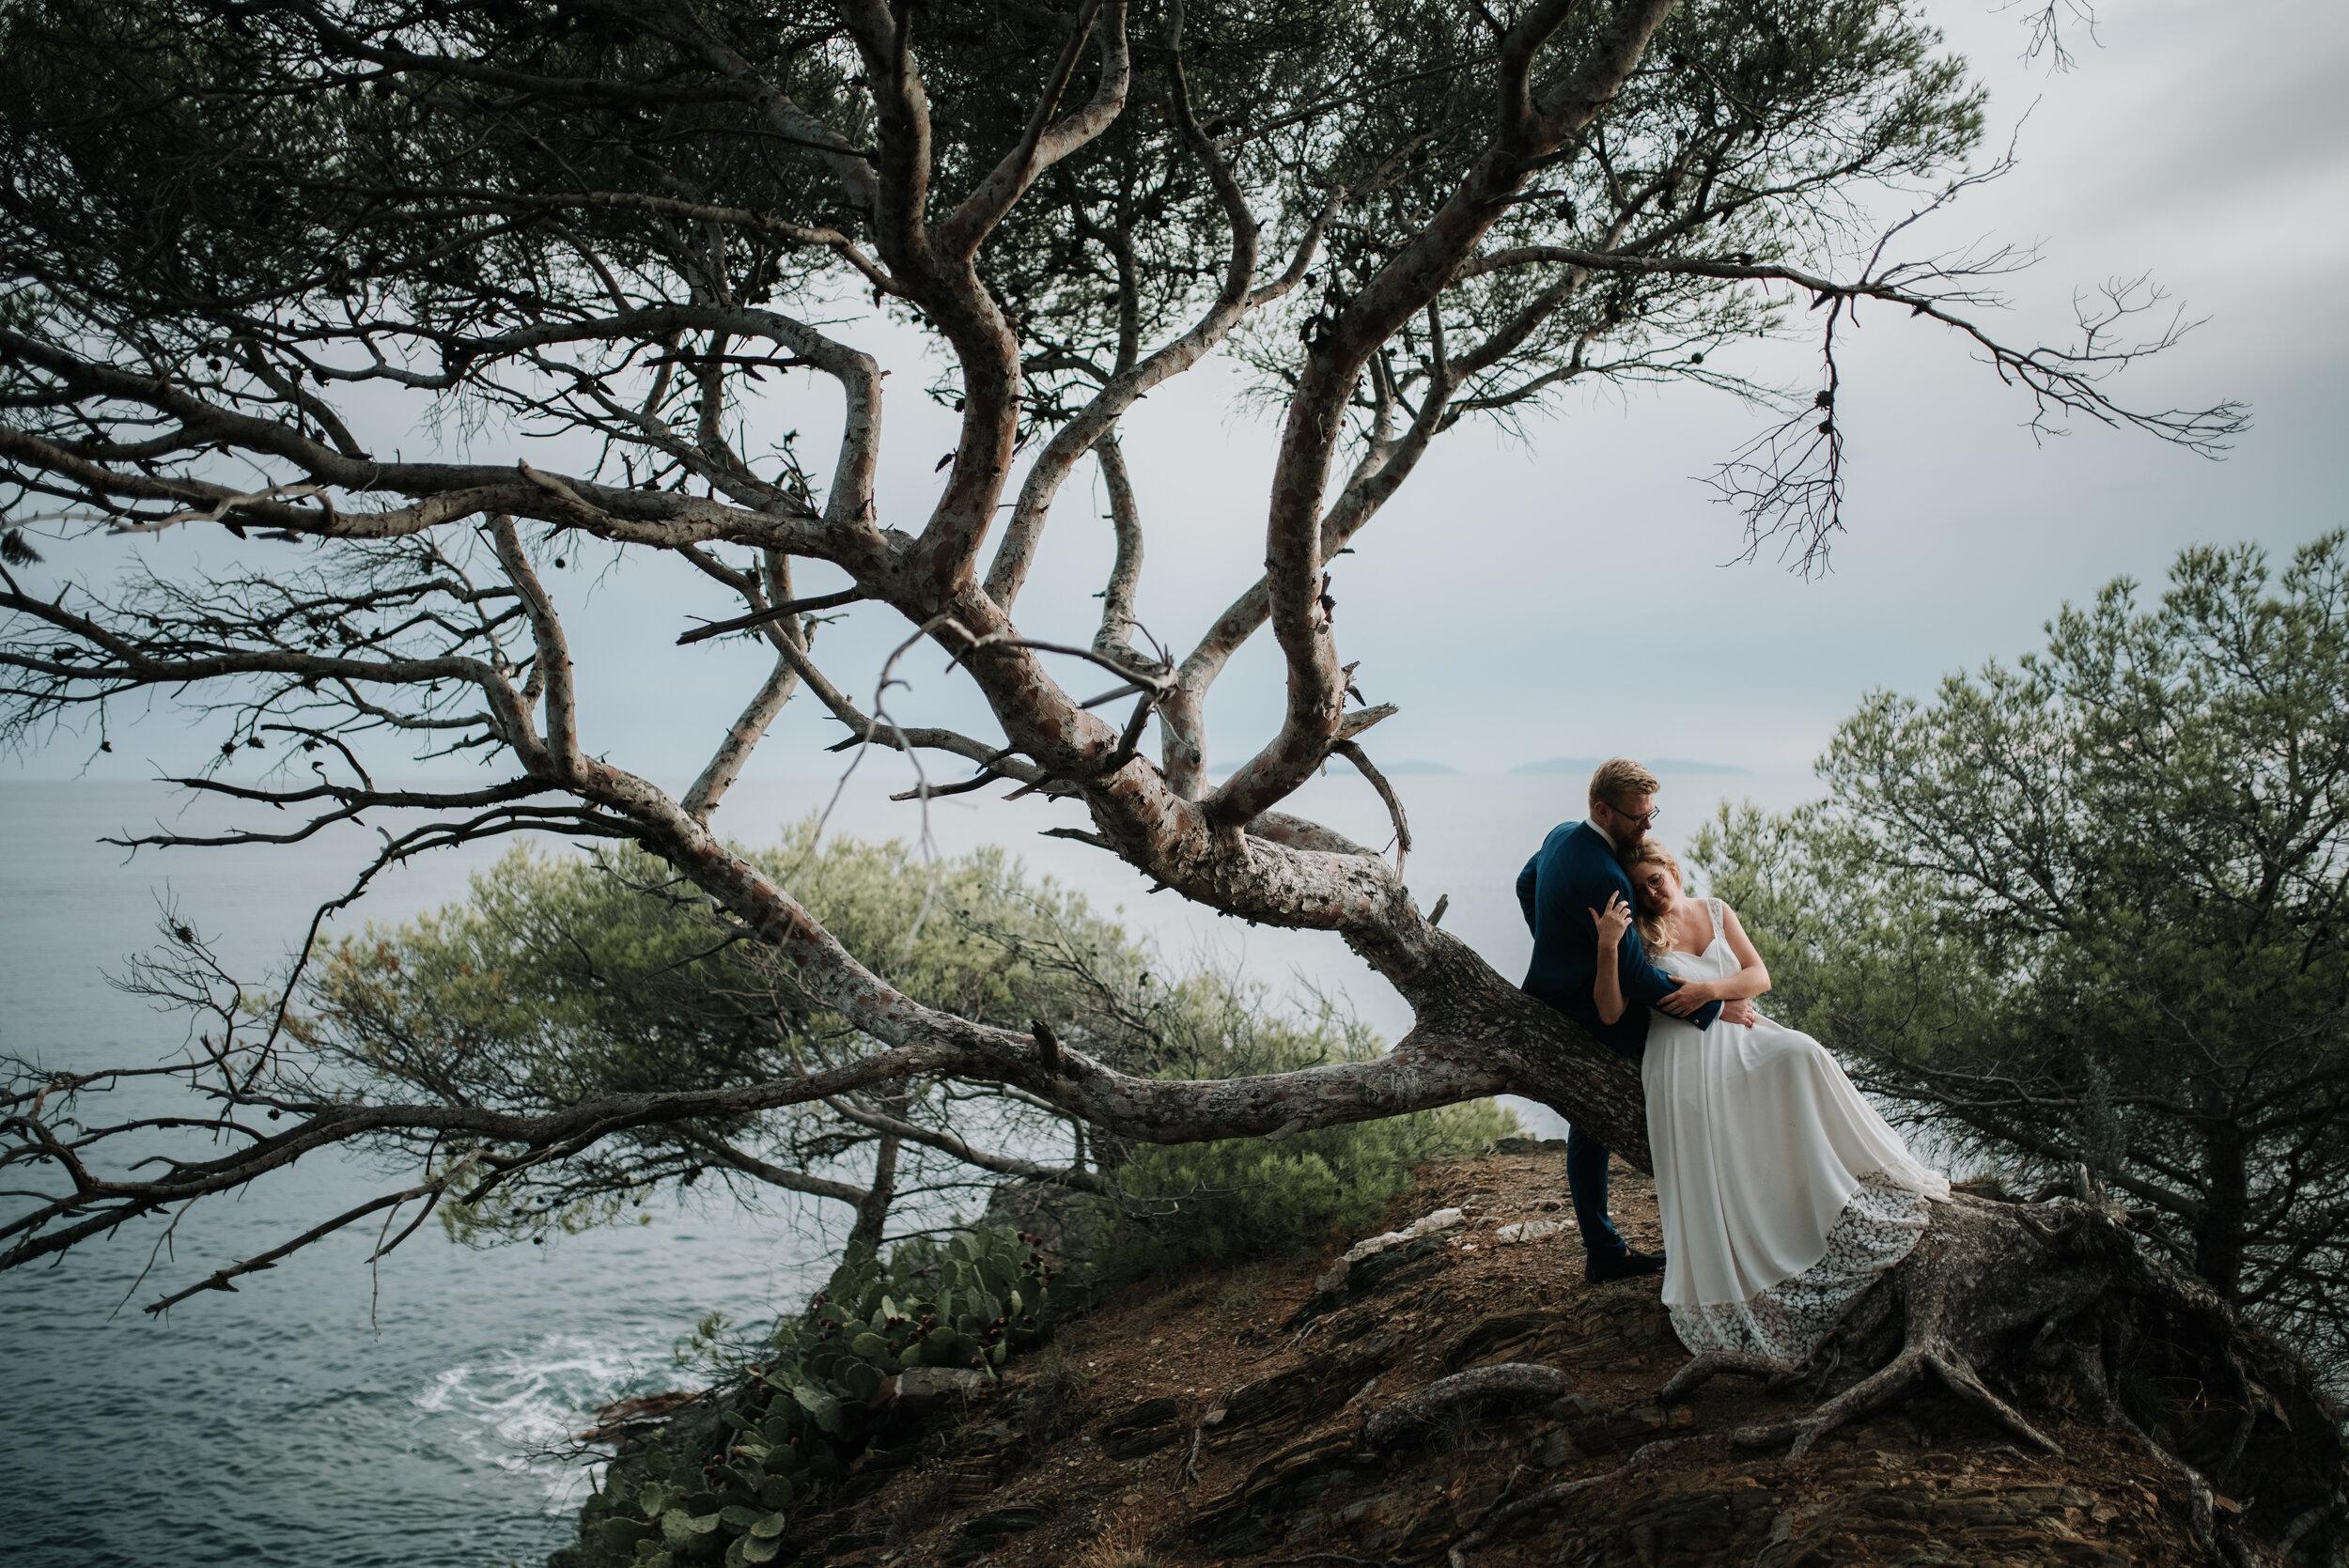 Léa-Fery-photographe-professionnel-Bretagne-portrait-creation-mariage-evenement-evenementiel-famille-0383.jpg